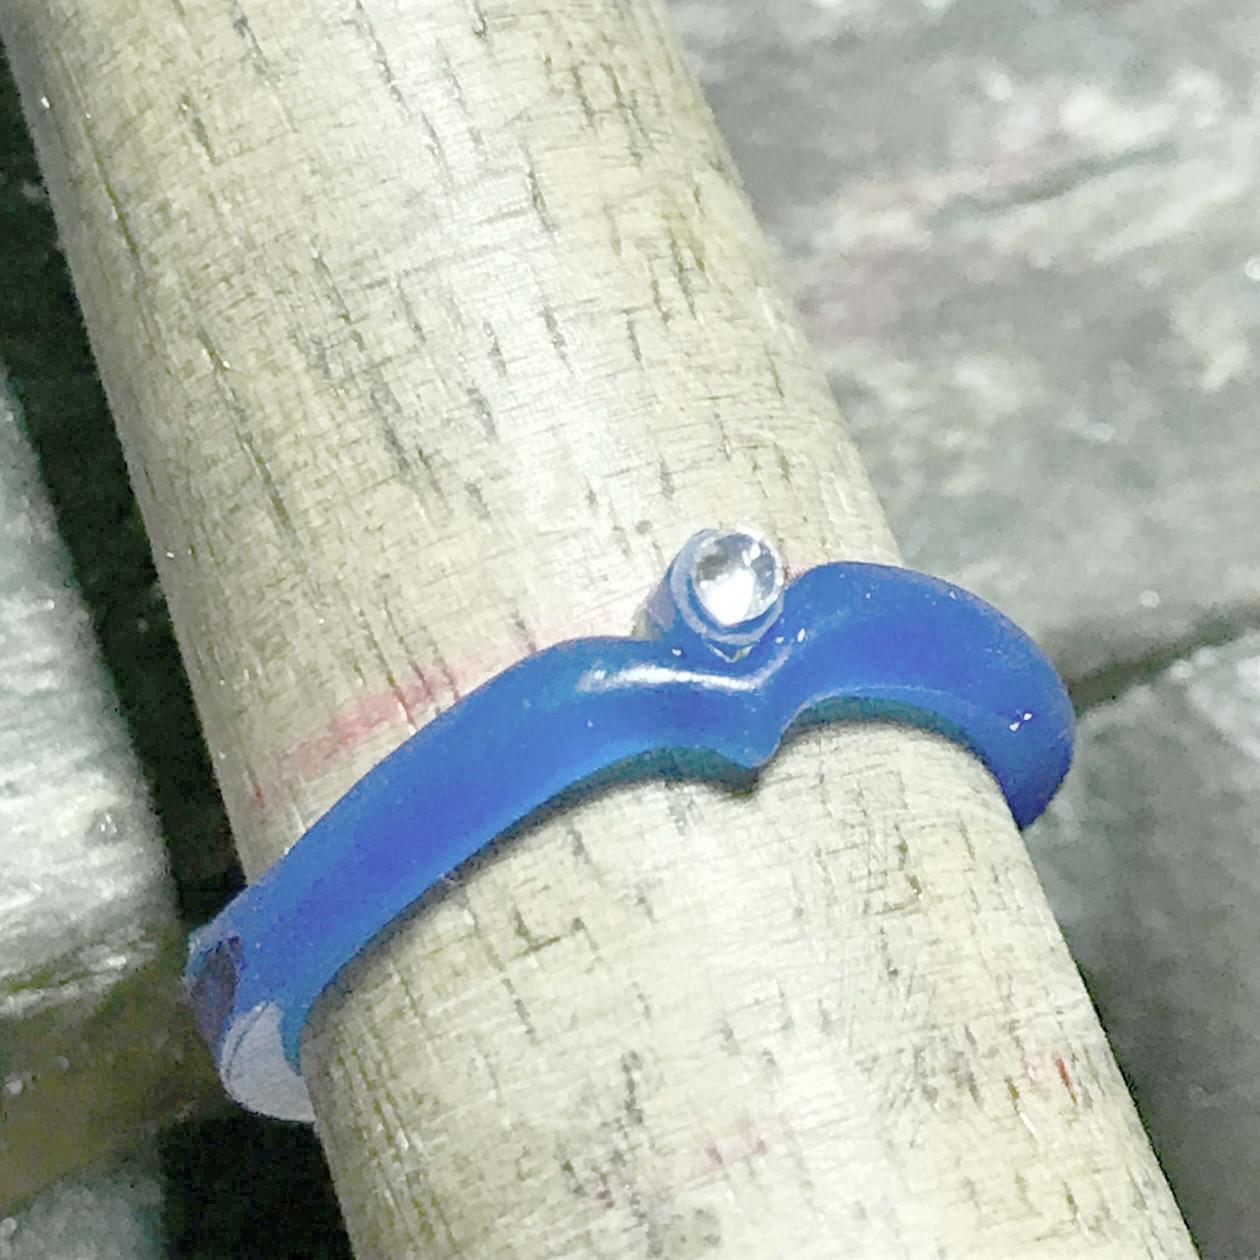 Chia Jewelry婚戒設計|對戒設計|鑽戒設計|客製化婚戒|客製化對戒|客製化鑽戒